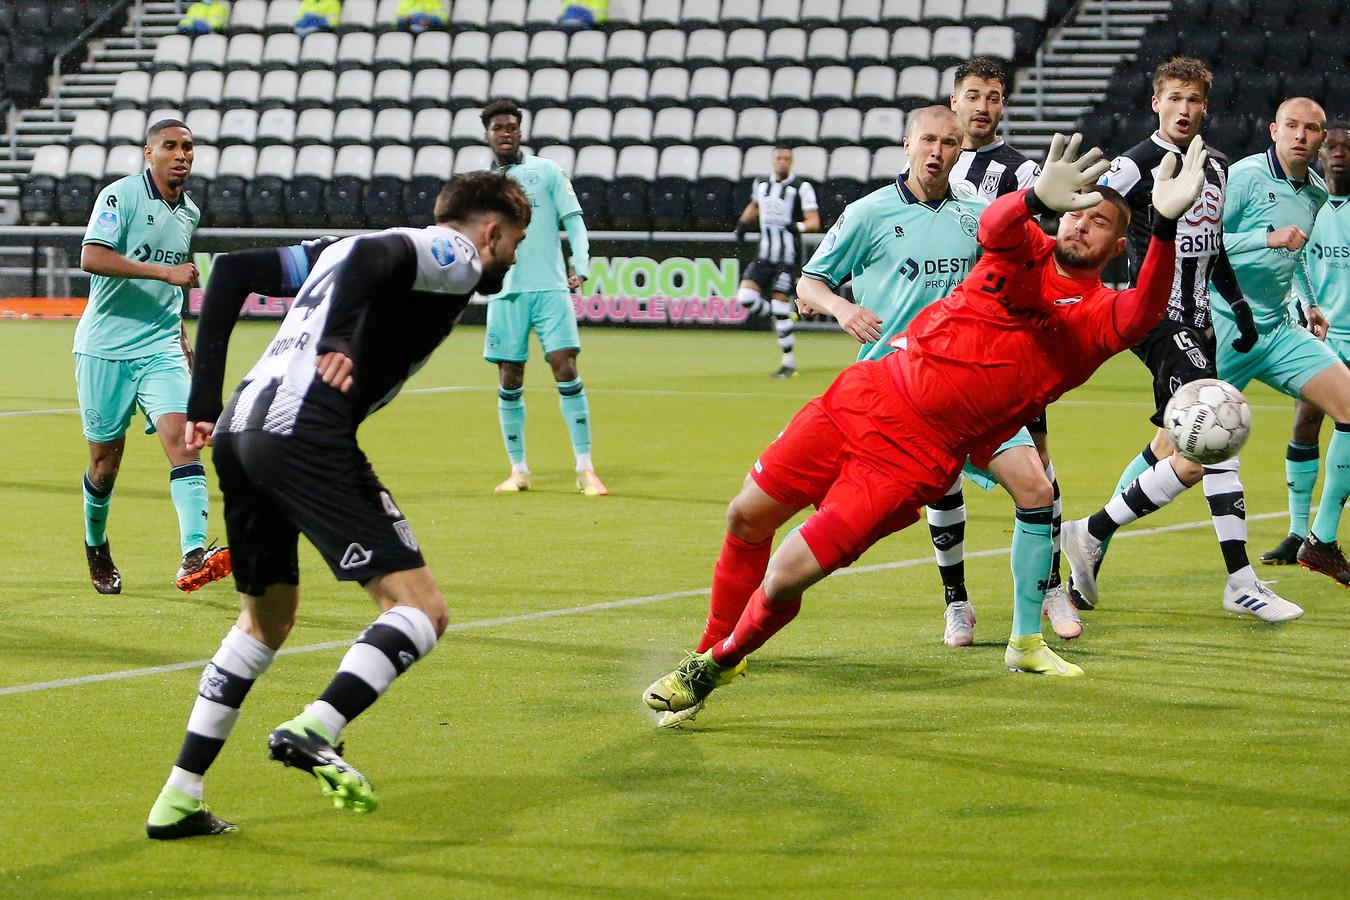 Robin Pröpper mag volledig ongehinderd de bal voorbij Willem II-keeper Arijanet Muric koppen in de eerste minuut na rust.